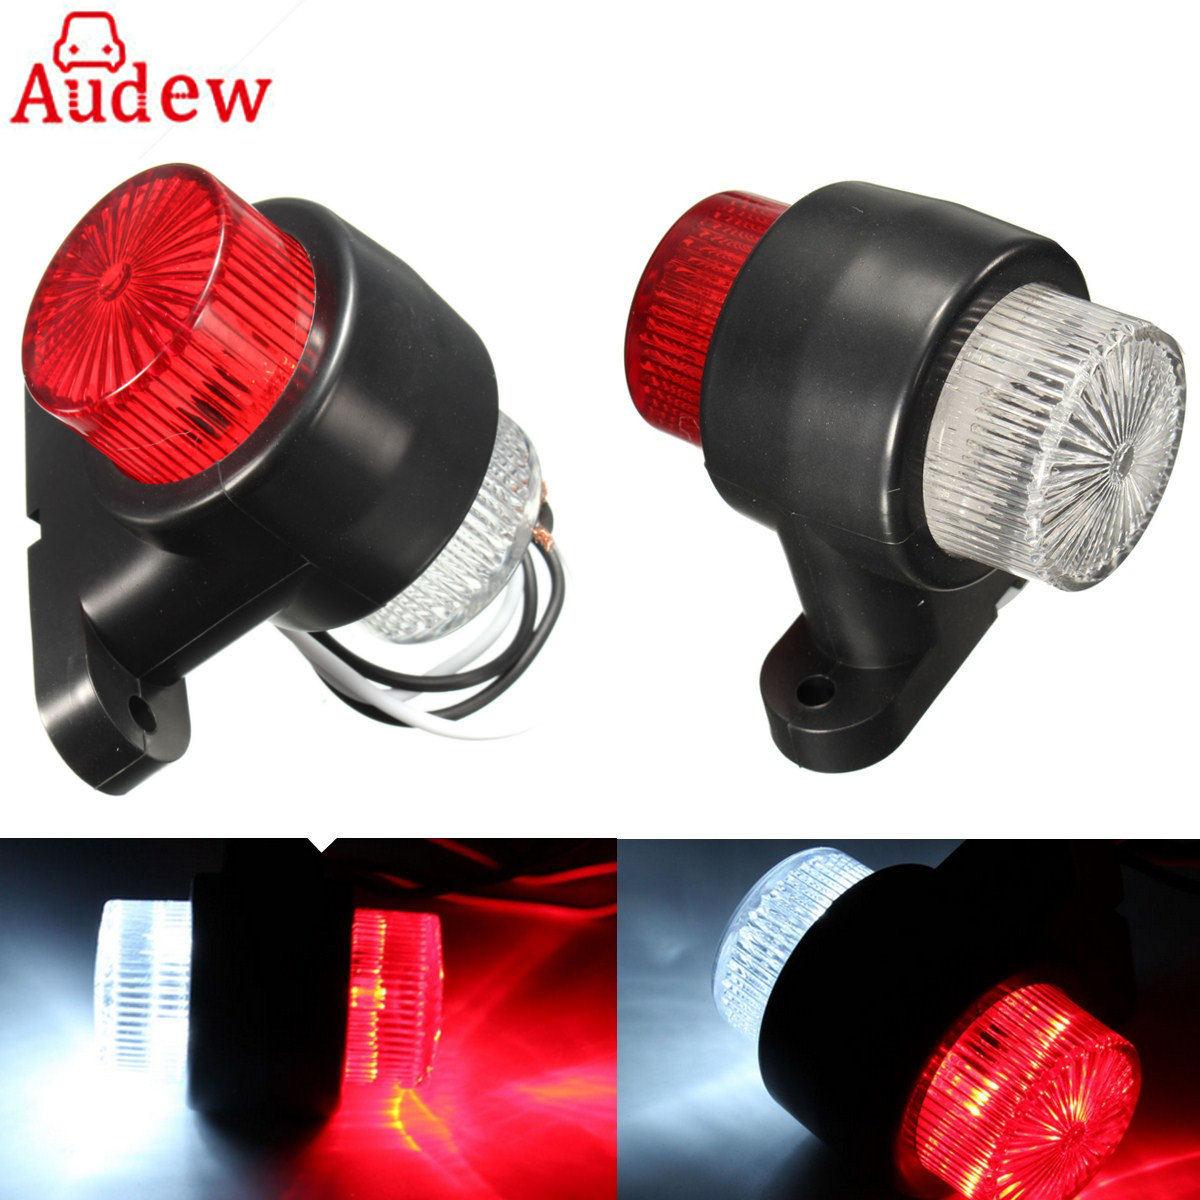 2Pcs 10~30V 8 LEDs Red & White Double Sides Marker Trailer Lights Warning Lamp for Car Truck Vhicles Tail Led Light 2pcs truck light 4 leds lamp